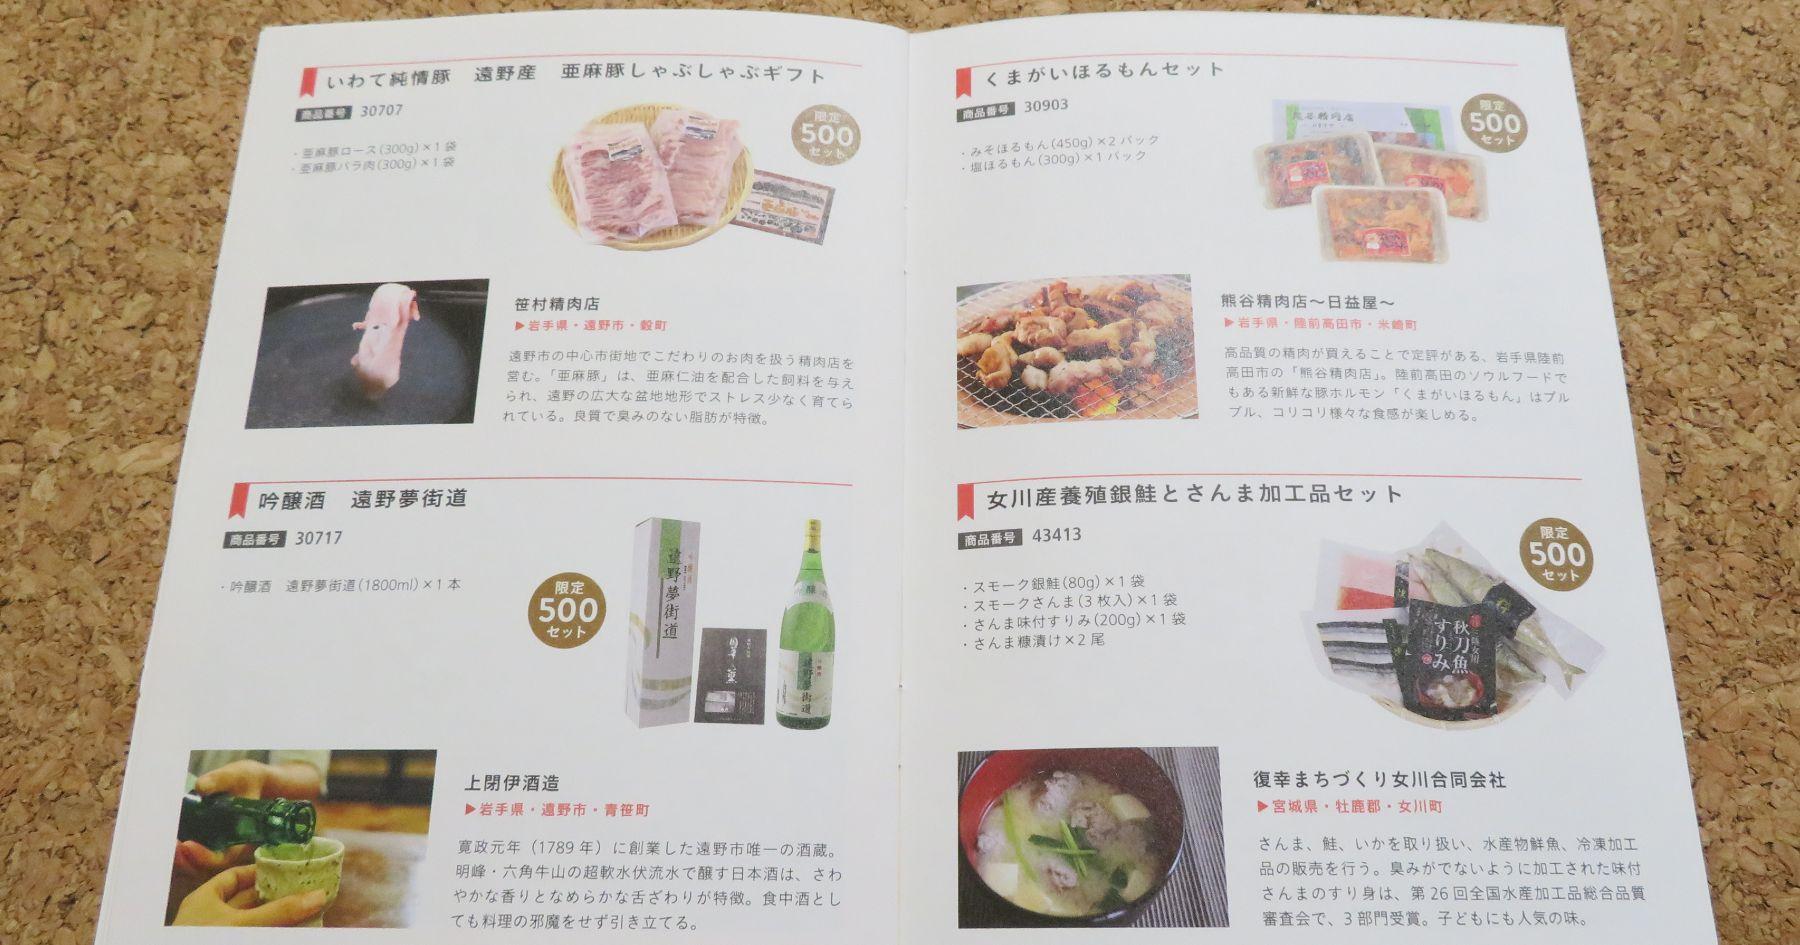 日本モーゲージサービスの株主優待カタログ